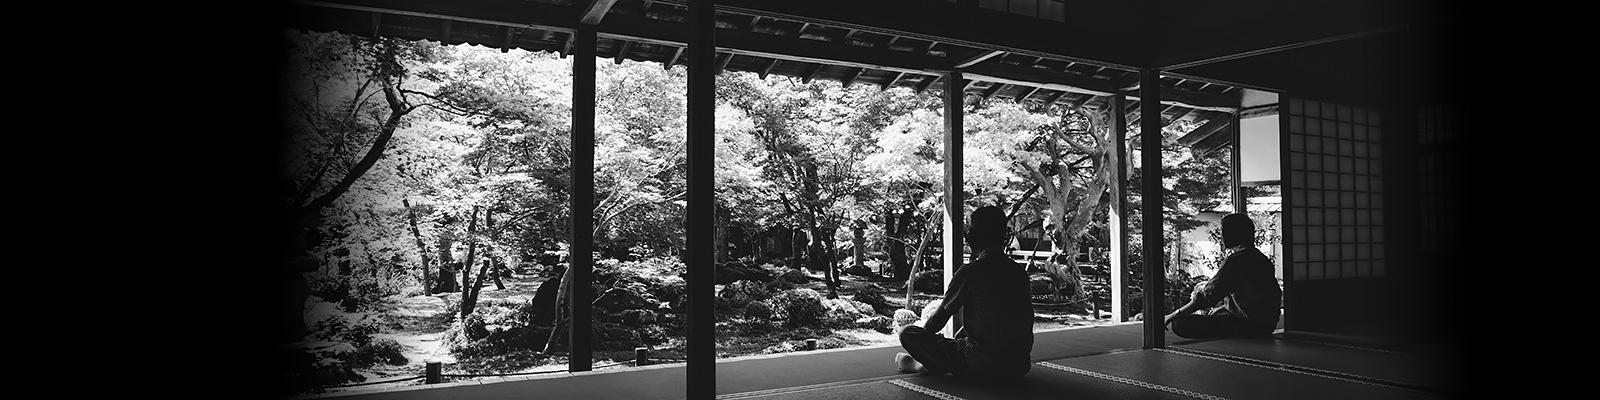 日本 禅 自然 イメージ